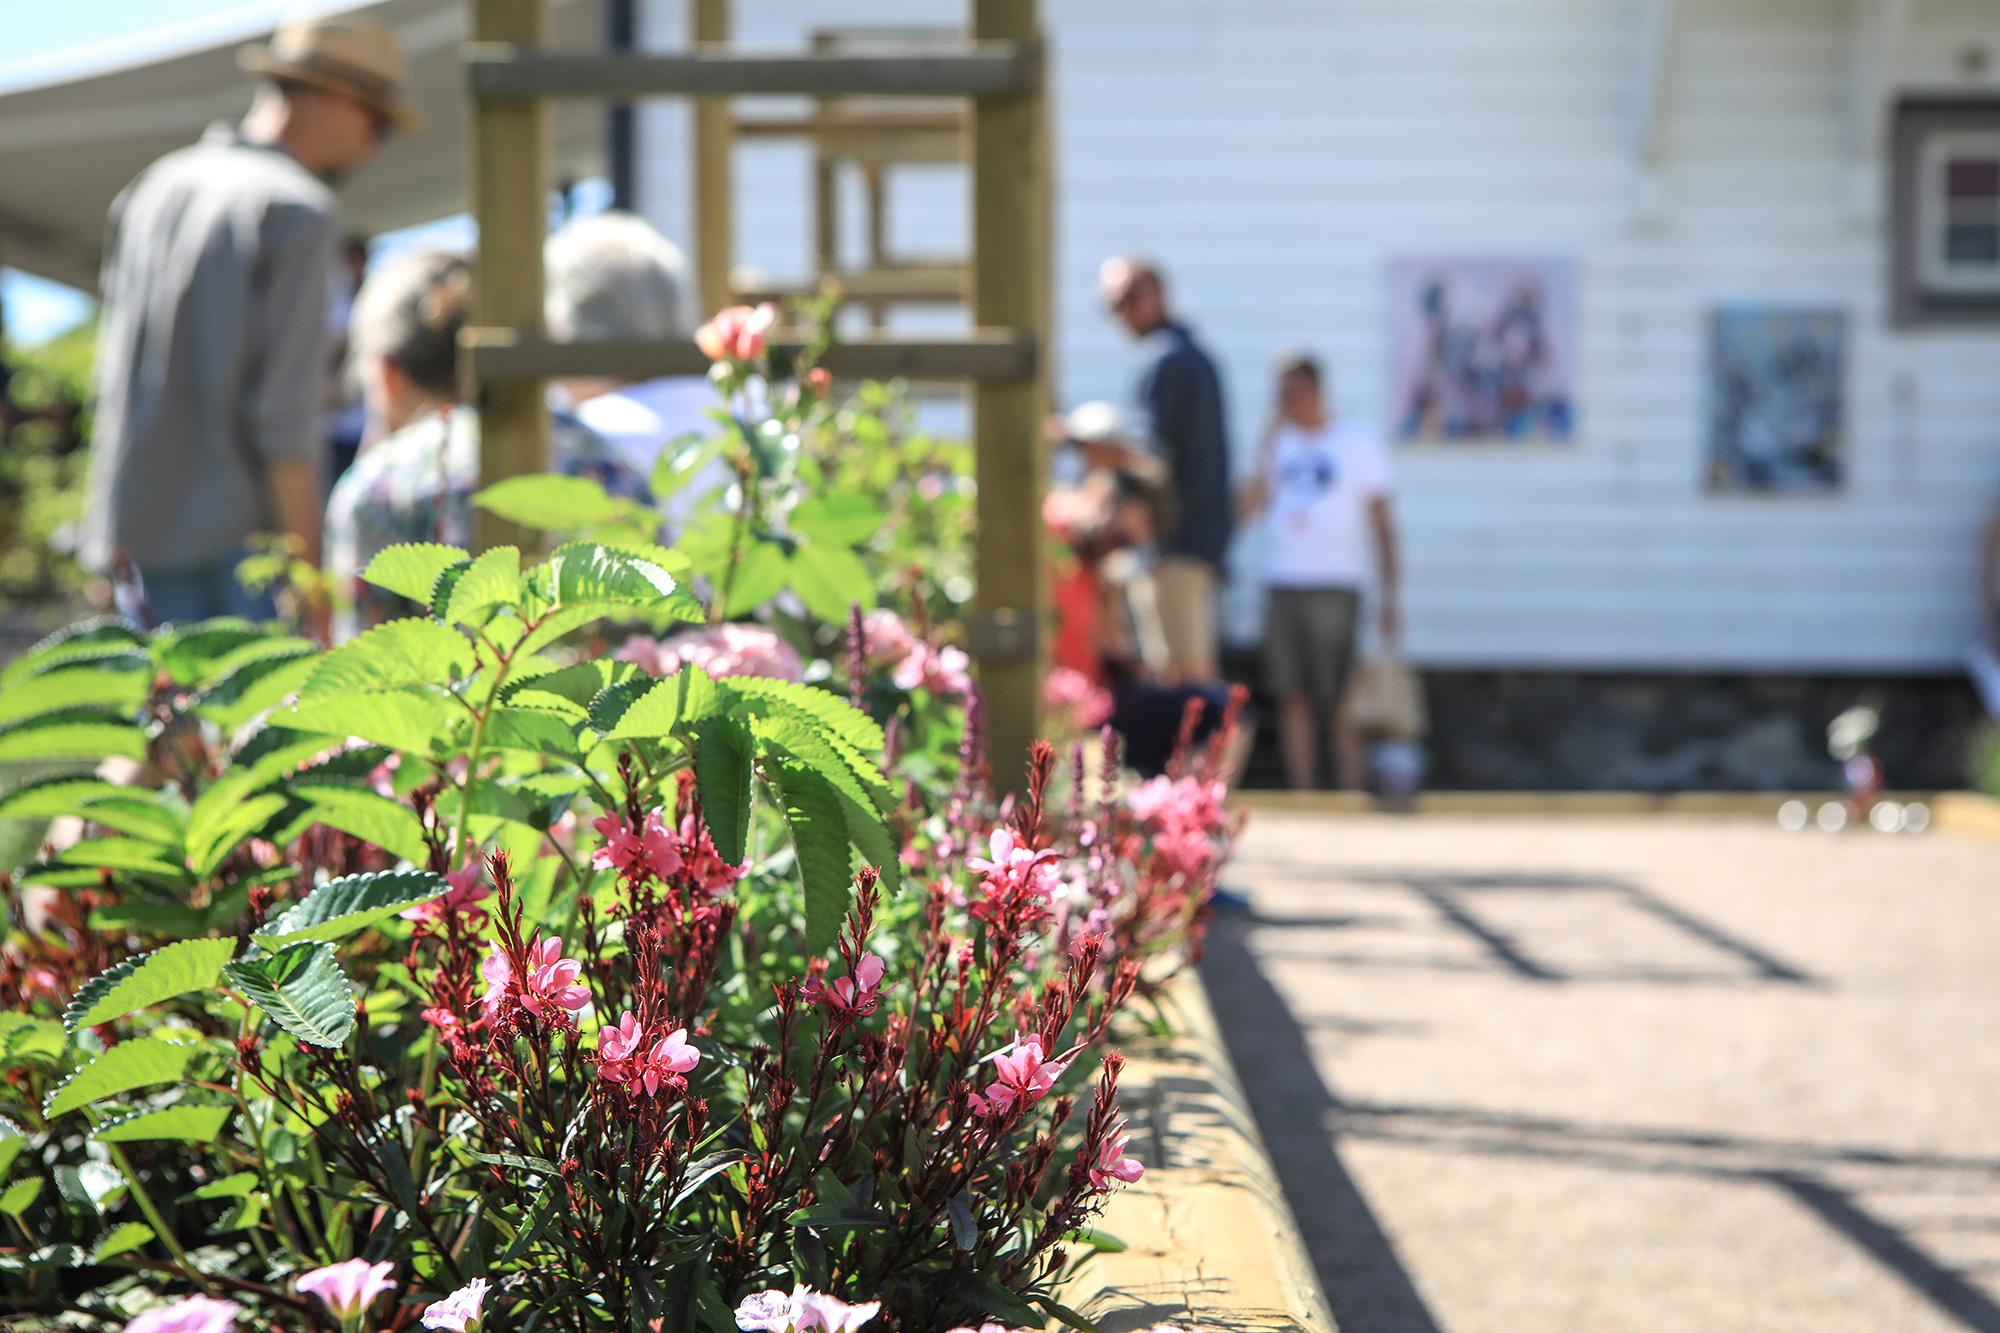 Plantering, trädgårdsvandrare och konst. Foto Will Rose.